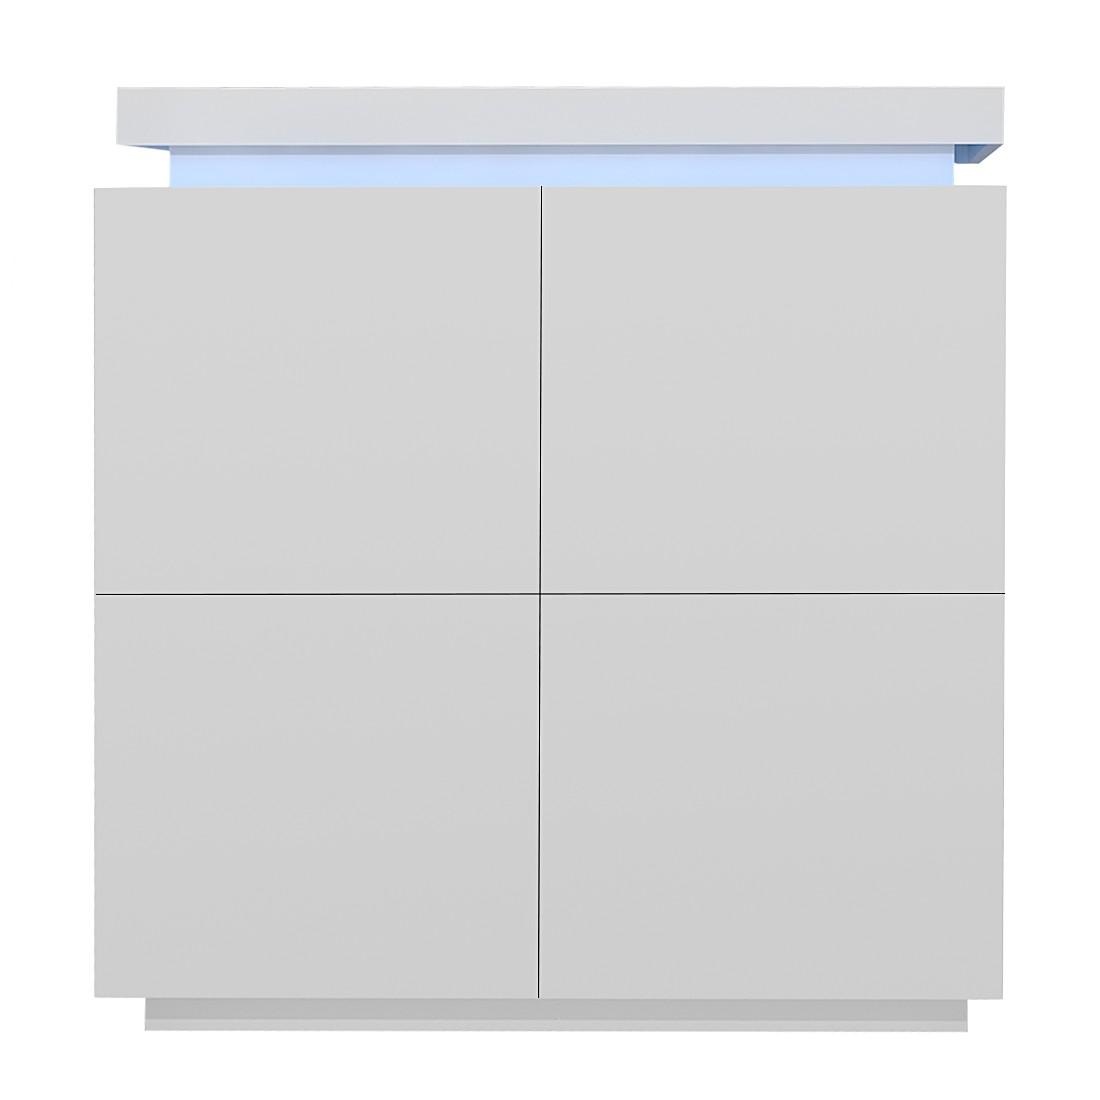 EEK A+, Dielenkommode Emblaze (inkl. Beleuchtung) – Hochglanz Weiß, loftscape günstig